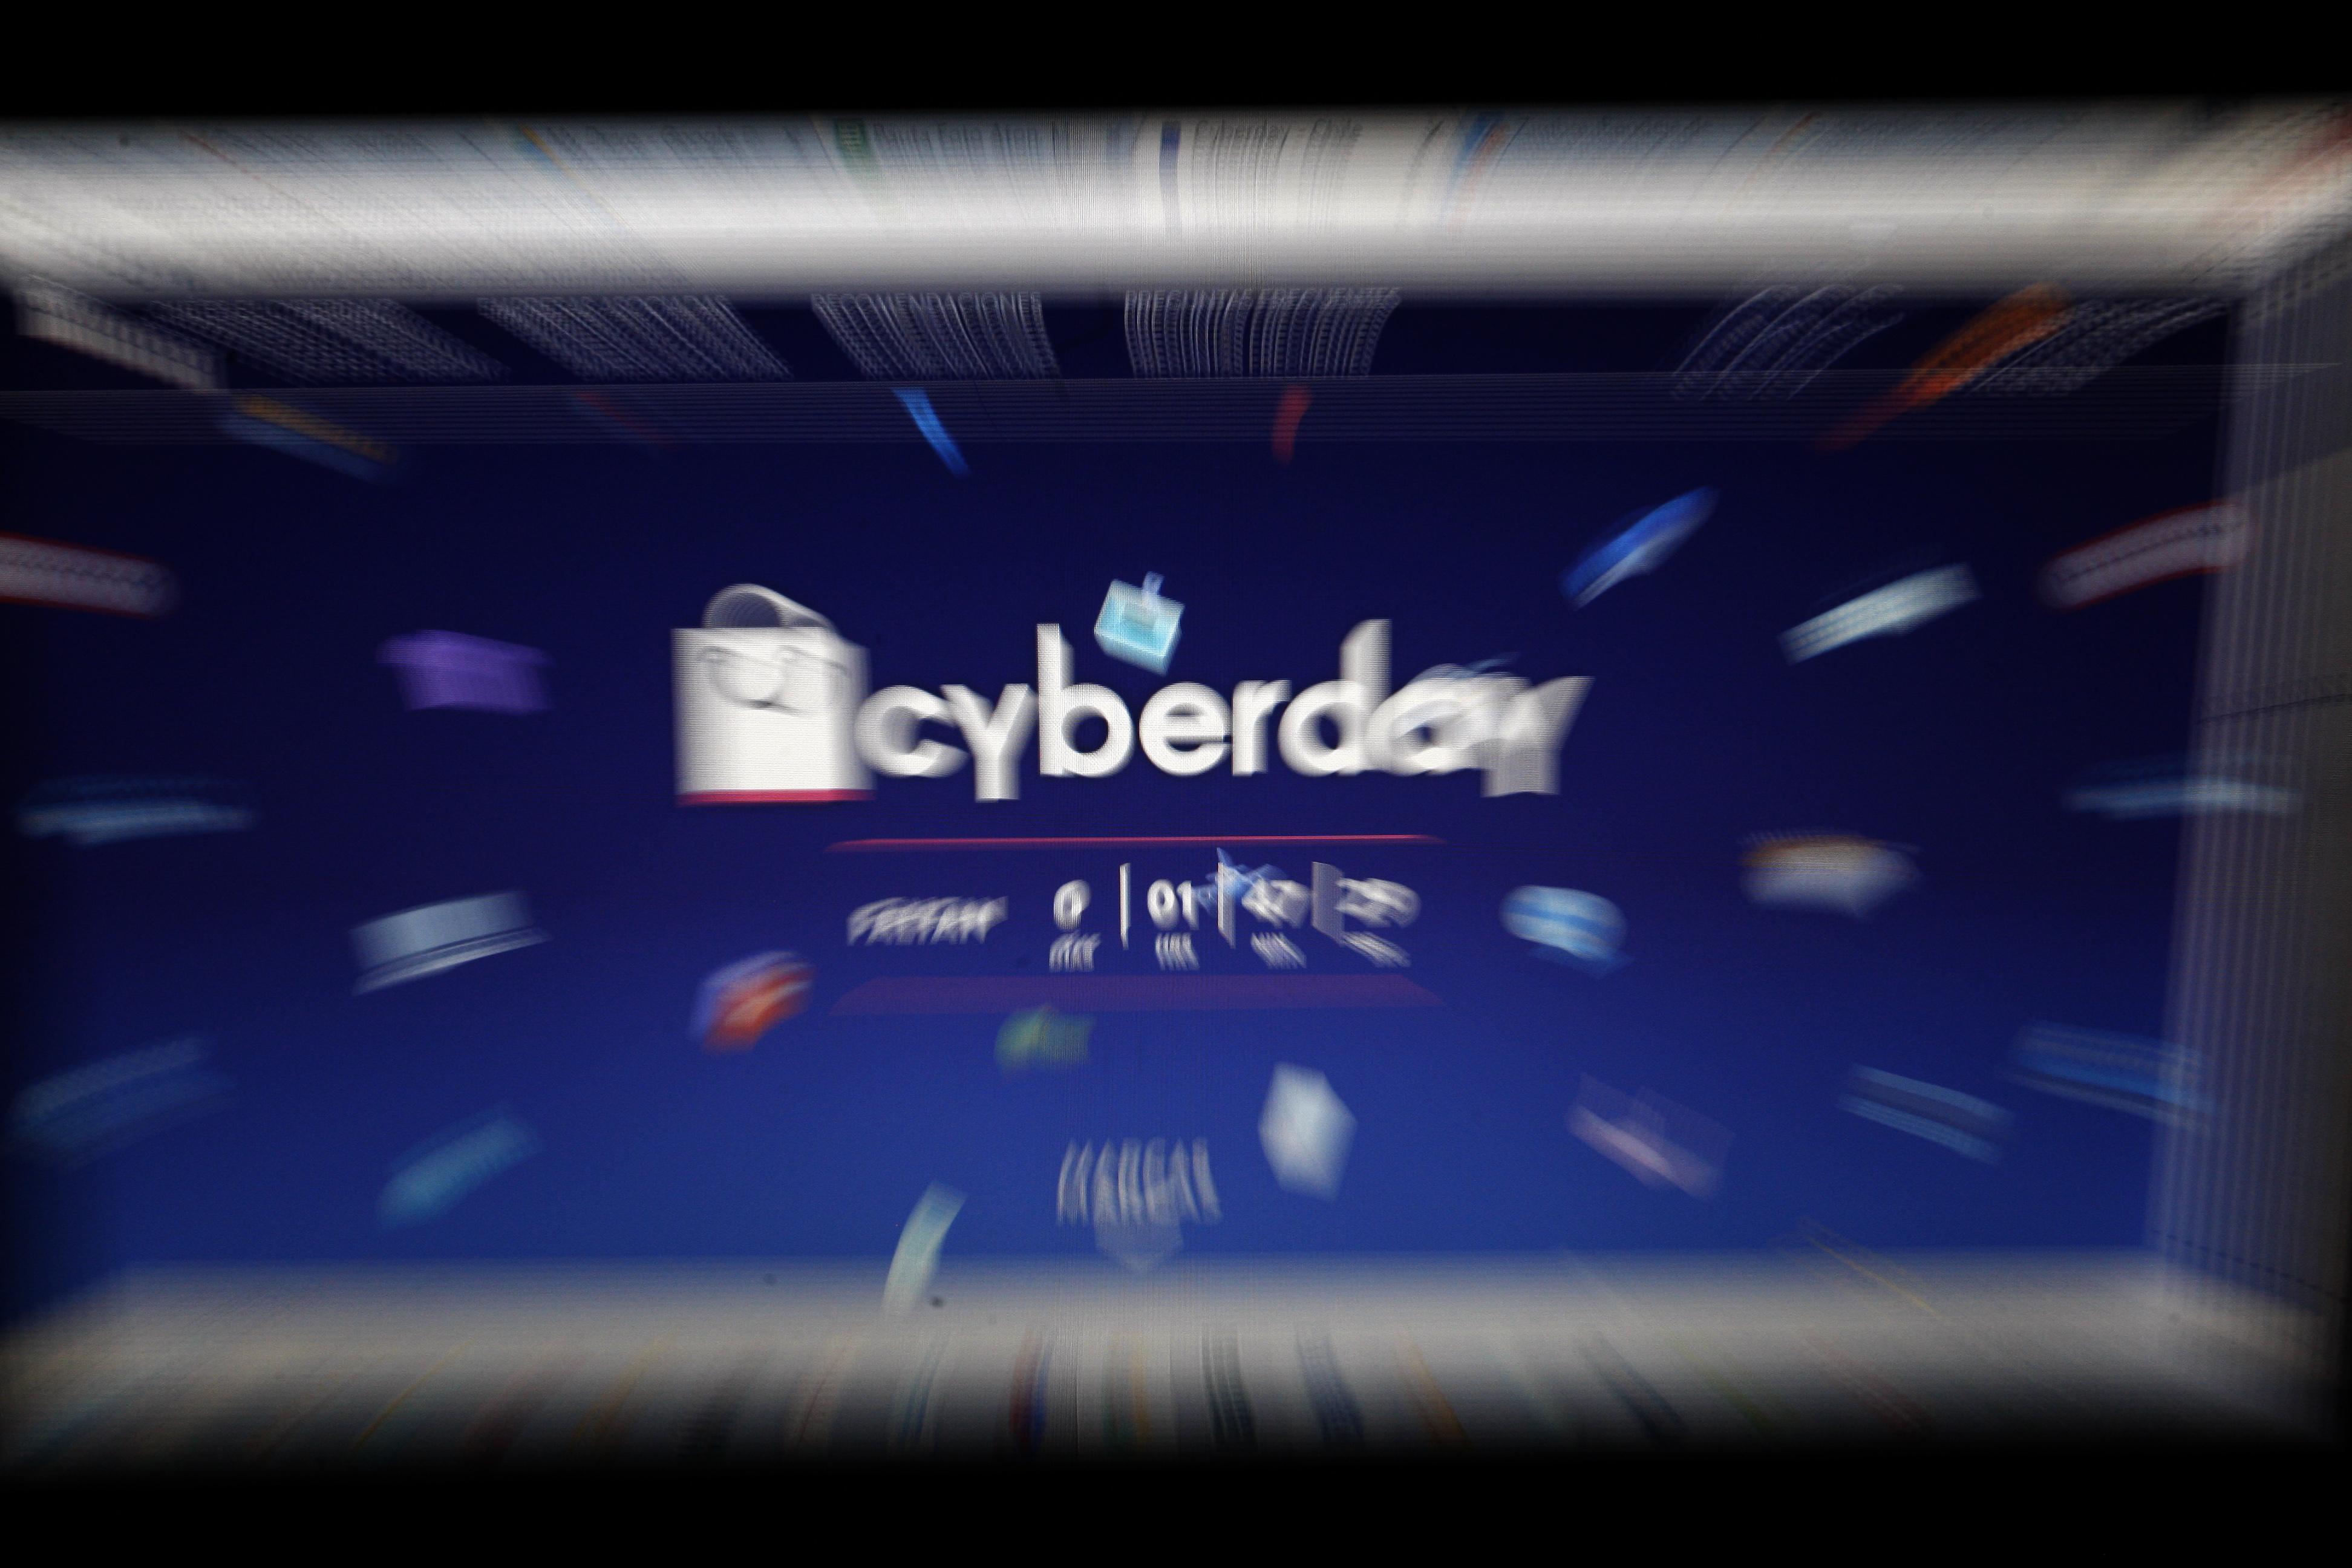 CyberDay: Sernac chequea oferta de celulares, calefactores, muebles y videojuegos